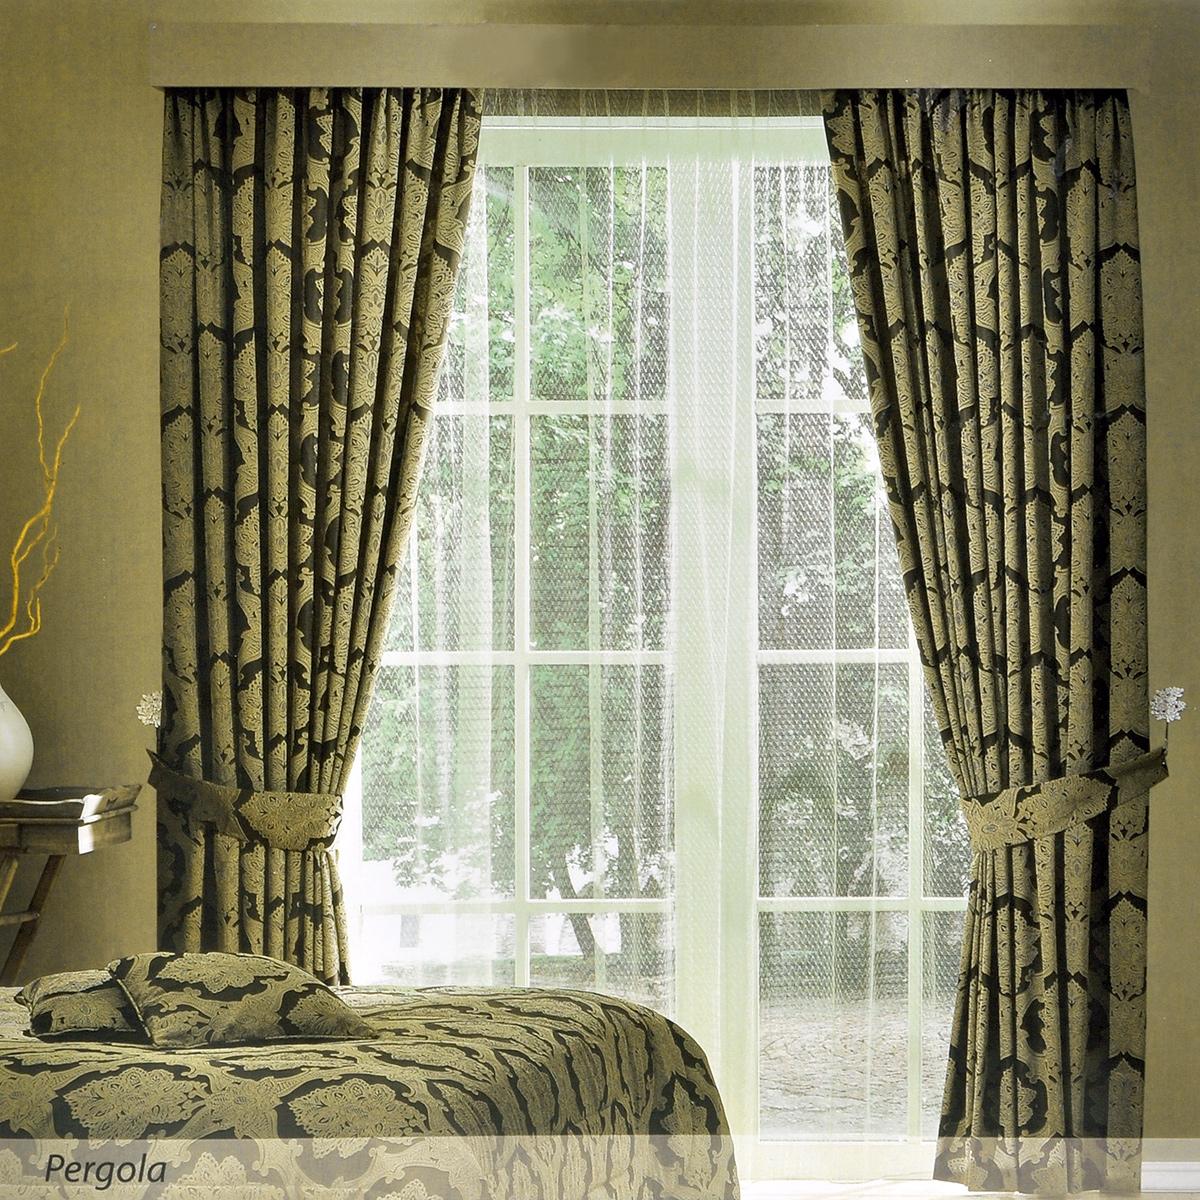 Комплект штор ТАС Pergola, на ленте, цвет: коричневый, золотистый, высота 270 см5201-25055201Роскошный комплект штор ТАС Pergola, выполненный из качественного полиэфира, состоит из двух портьер, тюля и двух подхватов. Портьеры и подхваты выполнены из плотной ткани коричневого цвета с изящным золотистым узором. Тюль выполнен из сетчатой ткани цвета лайма. Тюль и портьеры оснащены шторной лентой для собирания в сборки. Комплект штор ТАС Pergola эффектно подчеркнет стиль вашего дома, а также создаст неповторимую атмосферу гармонии. Полиэфир - вид ткани, состоящий из полиэфирных волокон. Ткани из полиэфира - легкие, прочные и износостойкие. Такие изделия не требуют специального ухода, не пылятся и почти не мнутся. Комплект упакован в подарочный ПВХ-чемодан с ручкой, закрывающийся на застежку-молнию. Рекомендации по уходу: - бережная машинная стирка при температуре не более 30°С; - отбеливание запрещено; - гладить при температуре нижней плиты утюга не более 110°С; - бережная химическая чистка; - нельзя выжимать и сушить...